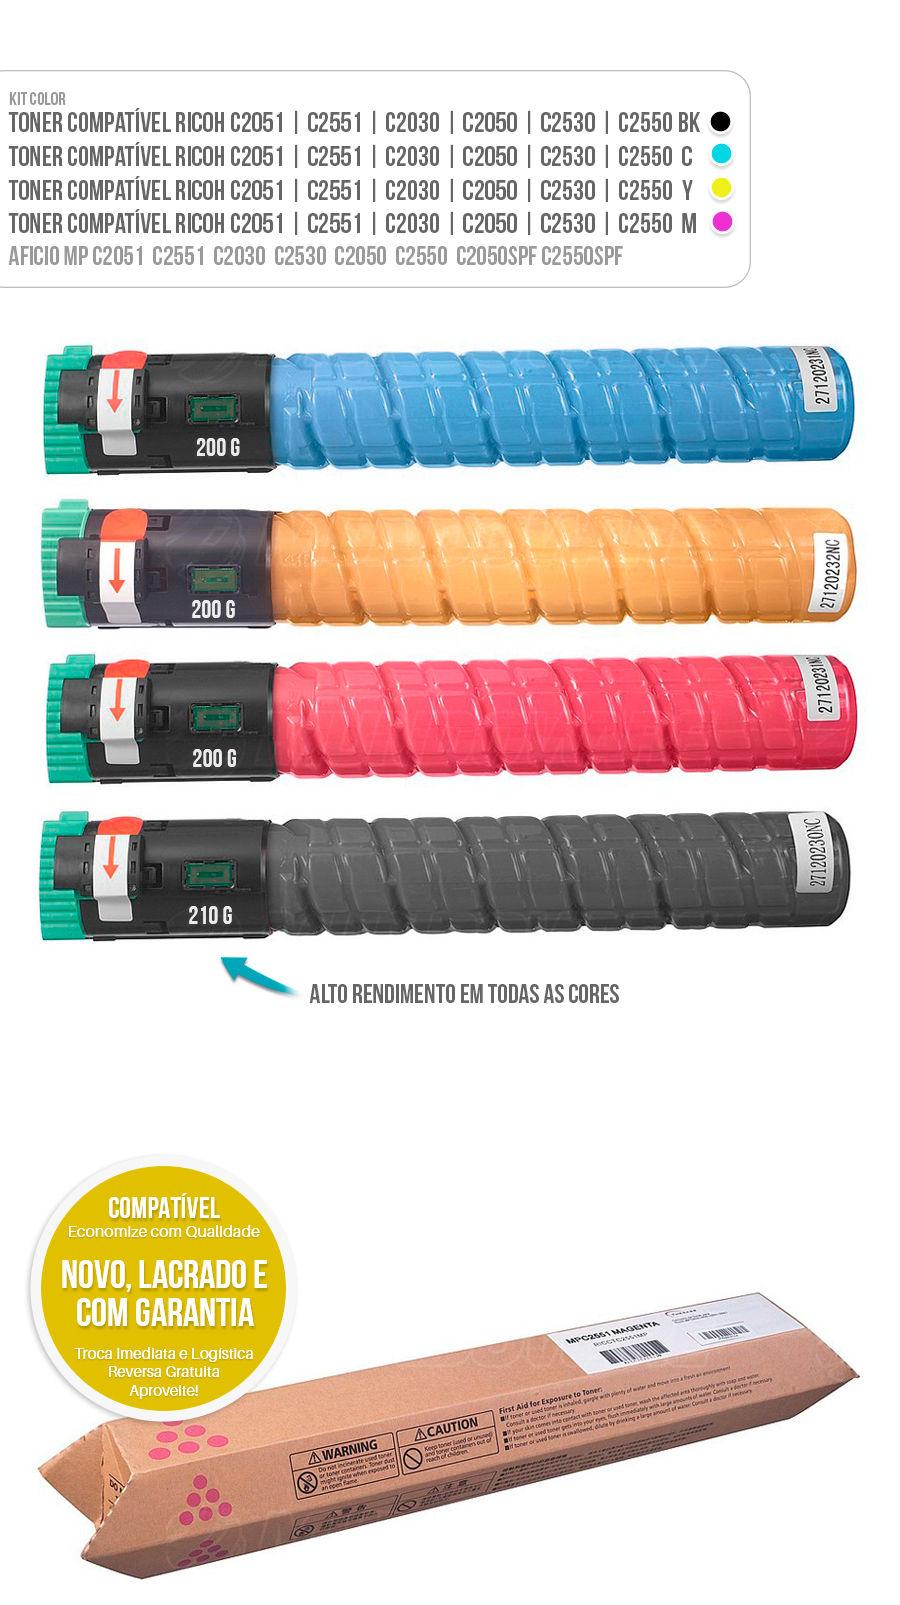 MPC2051 MPC2551 MPC2030 MPC2530 MPC2050 MPC2550 MPC2050SFP MPC2550SPF Tonner Kit Colorido